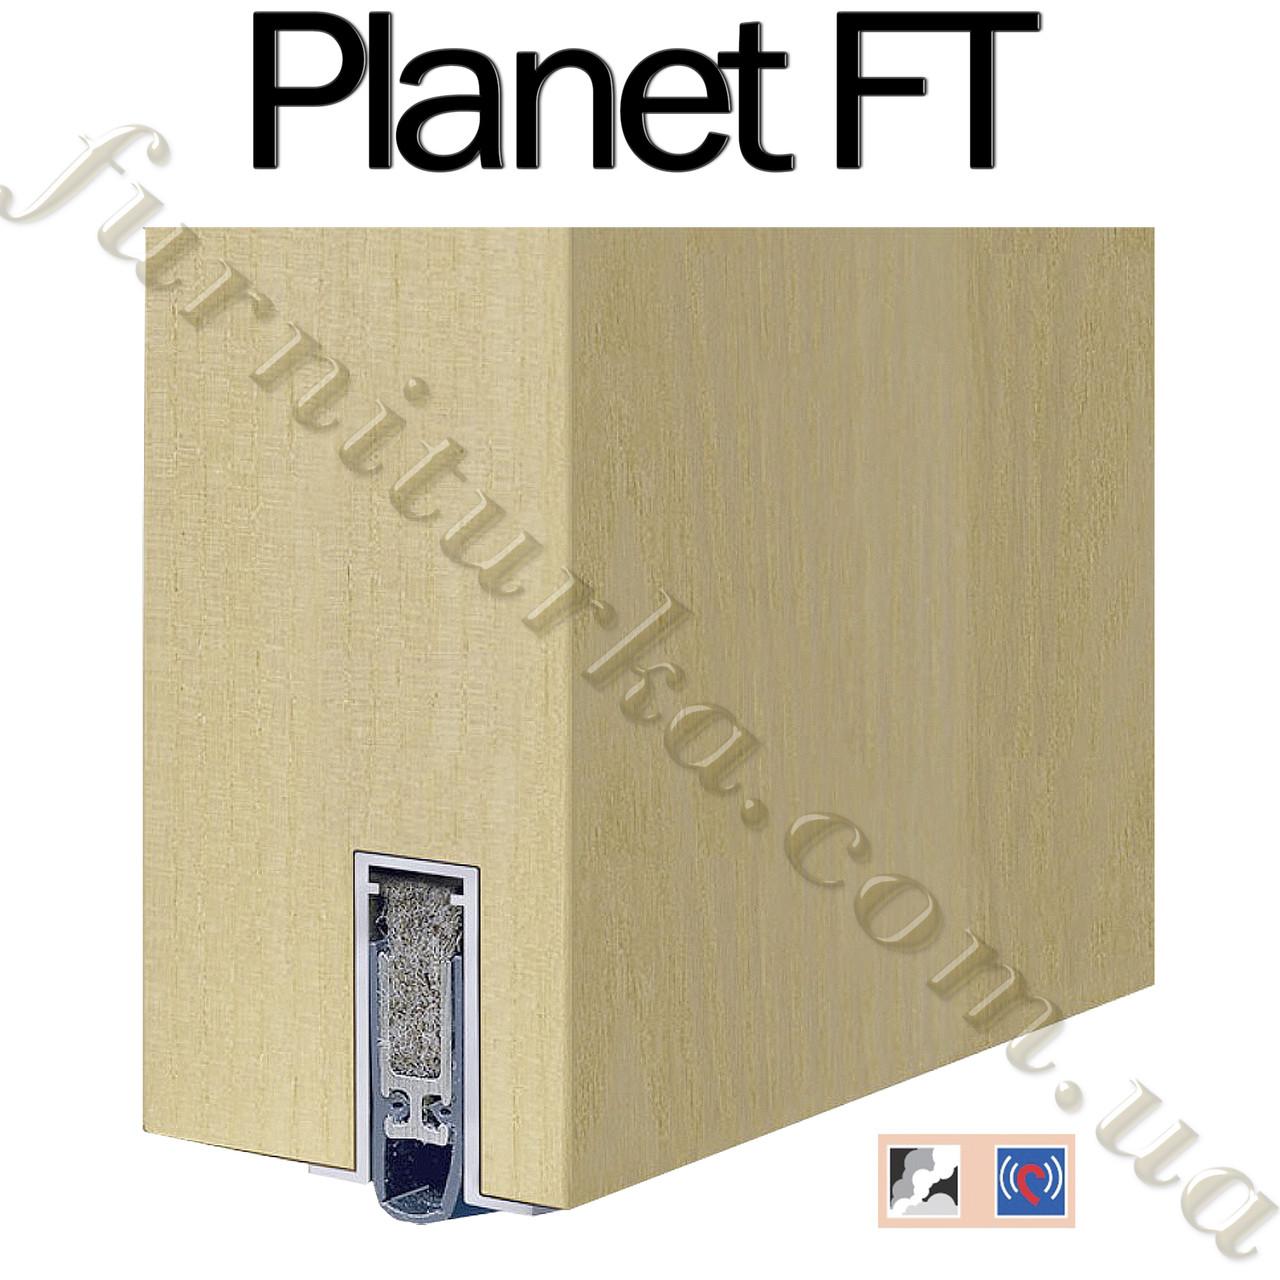 Самоопускающийся порог Planet FT 350мм